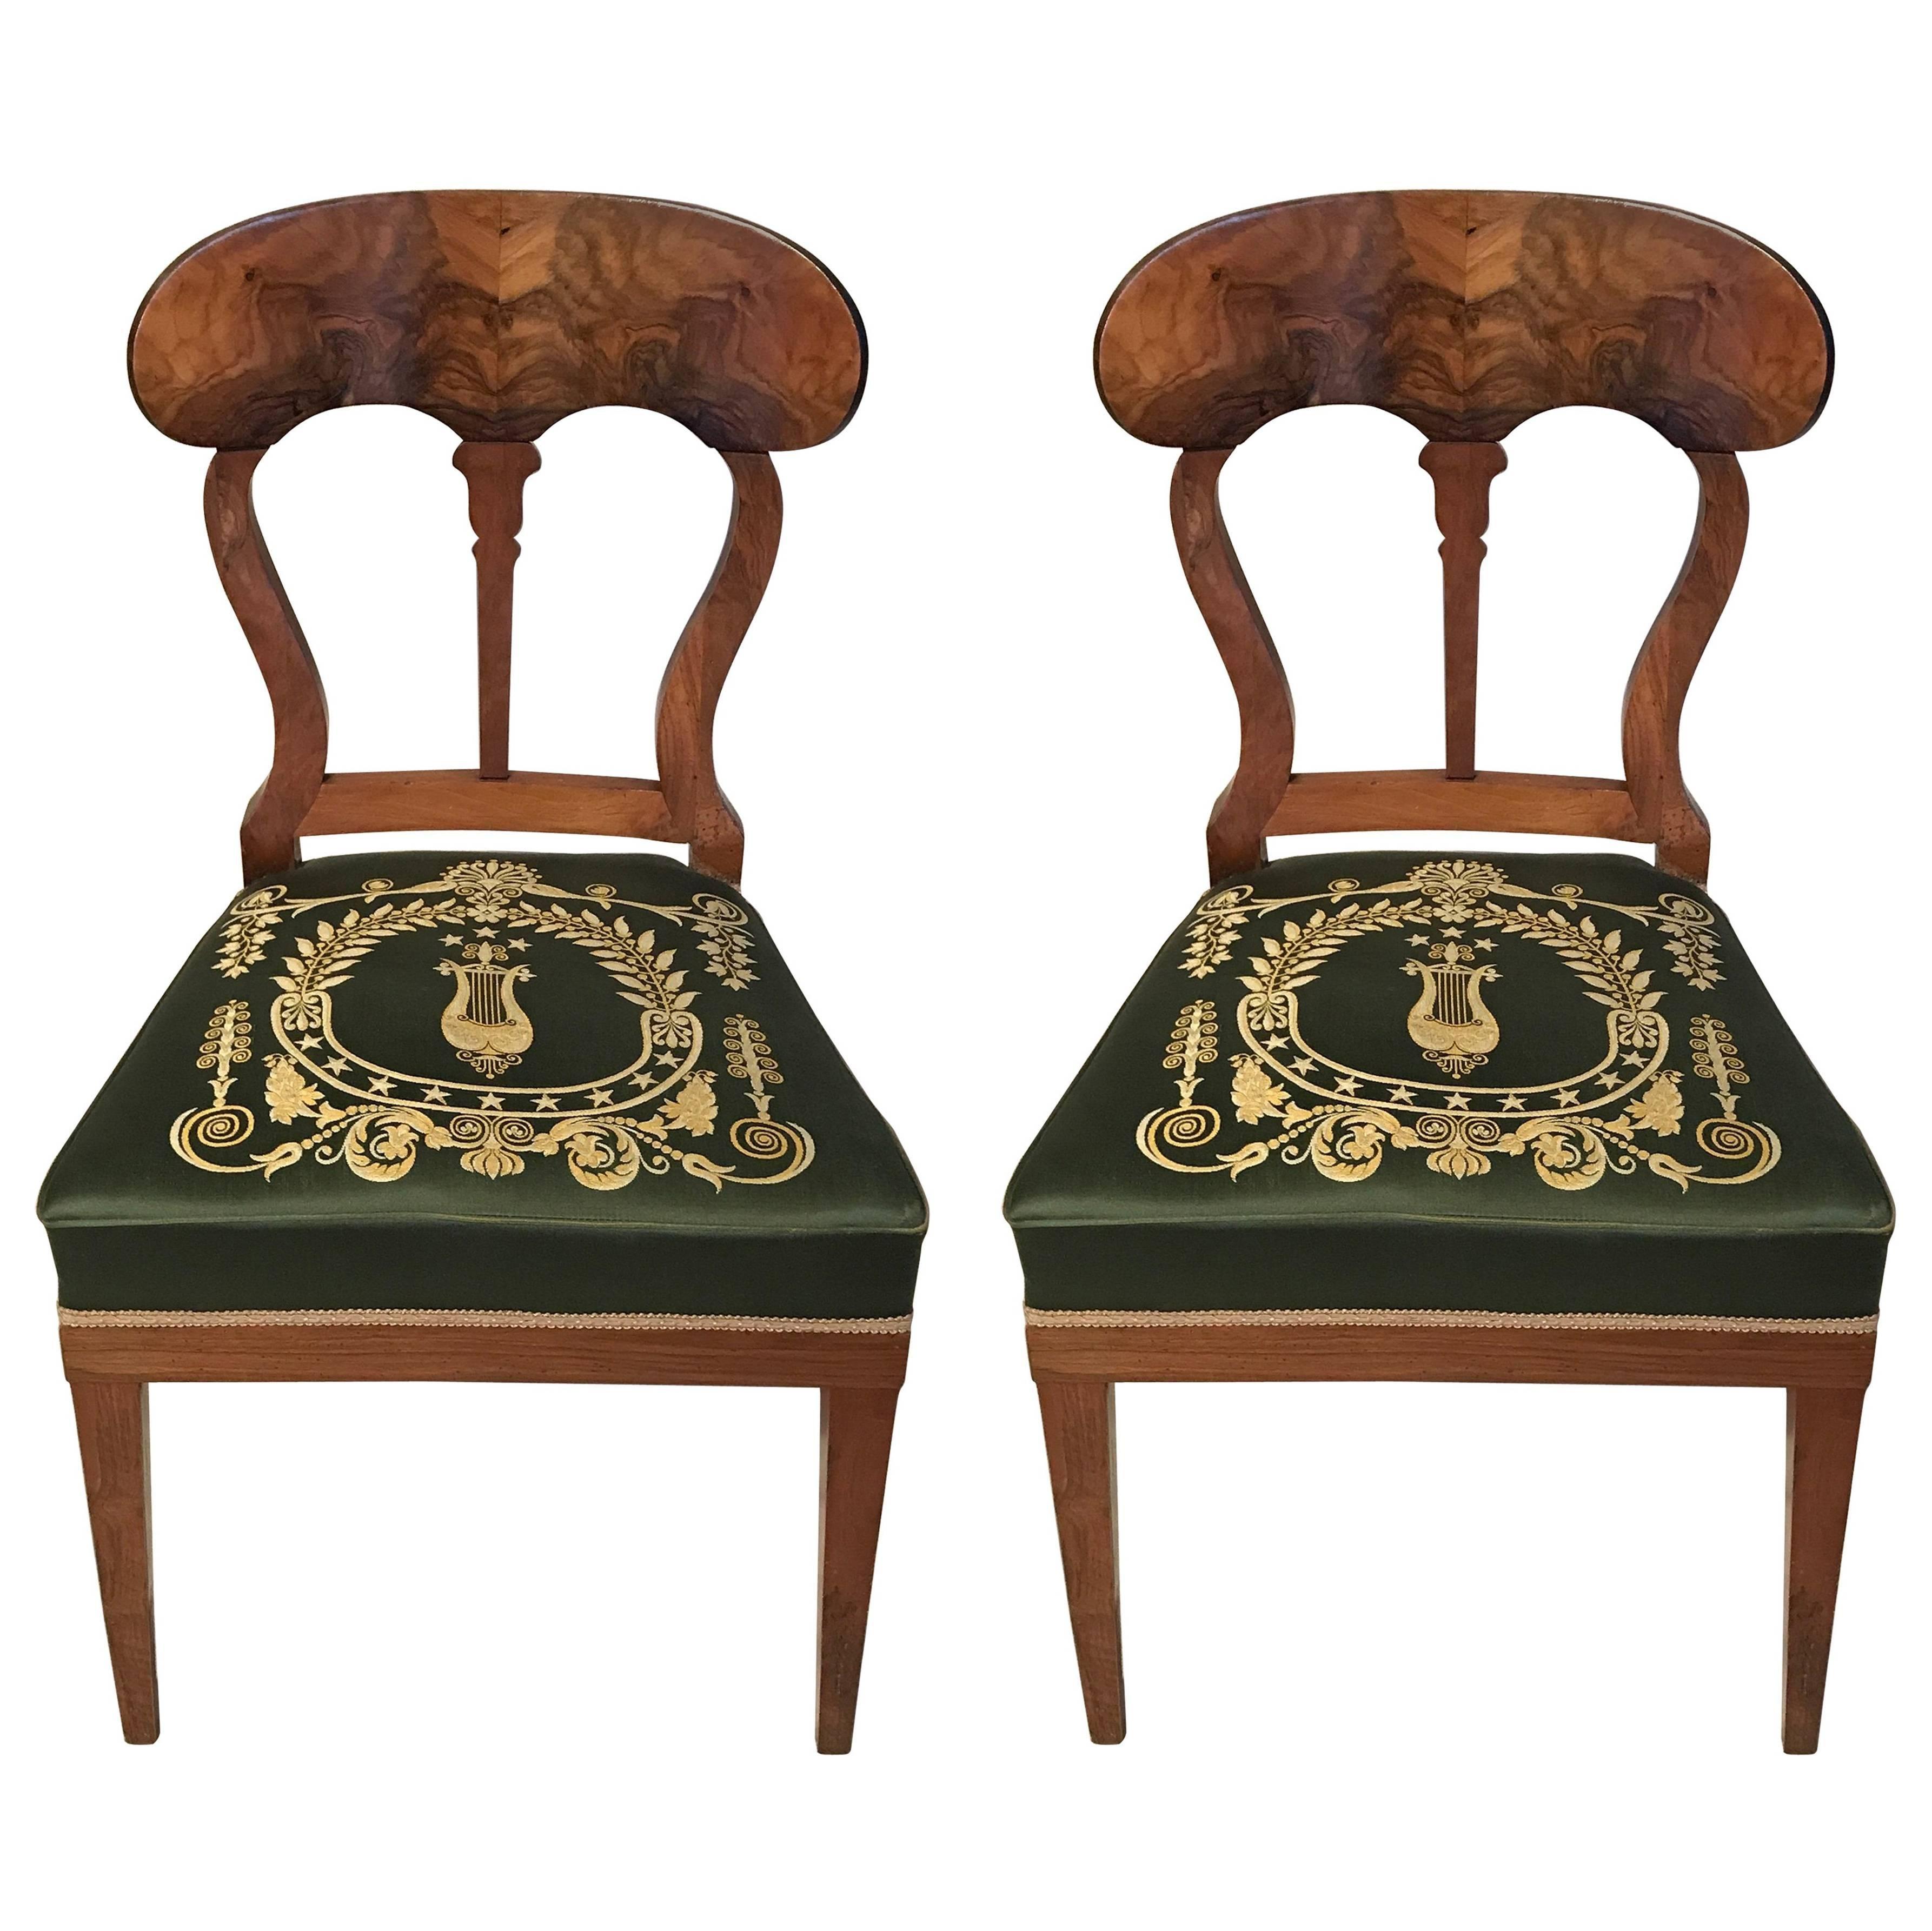 Pair Of Biedermeier Chairs, Germany, 19th Century 1